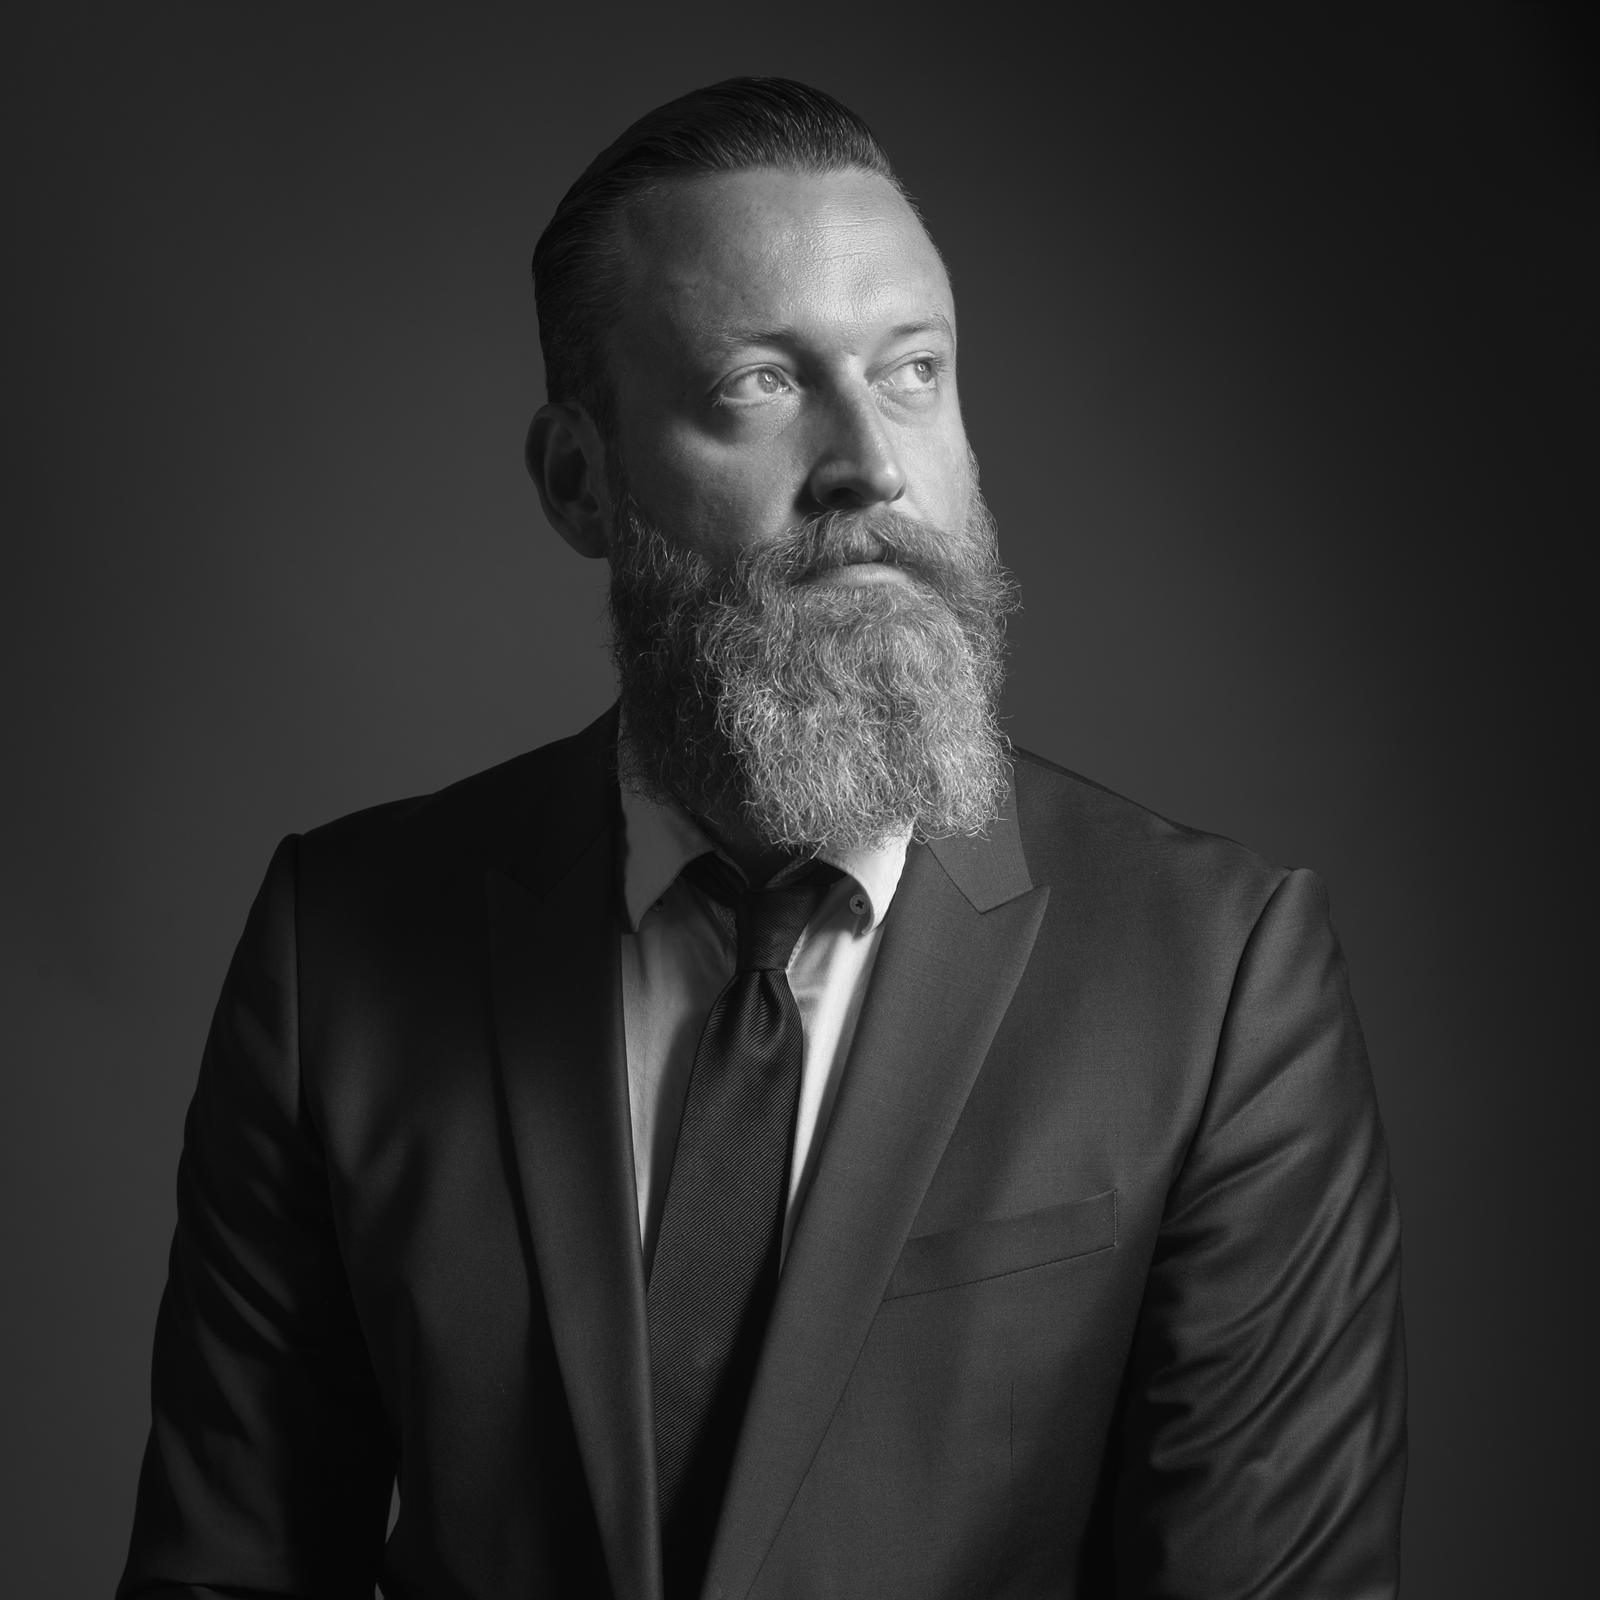 Portret van een man met lange baard en pak